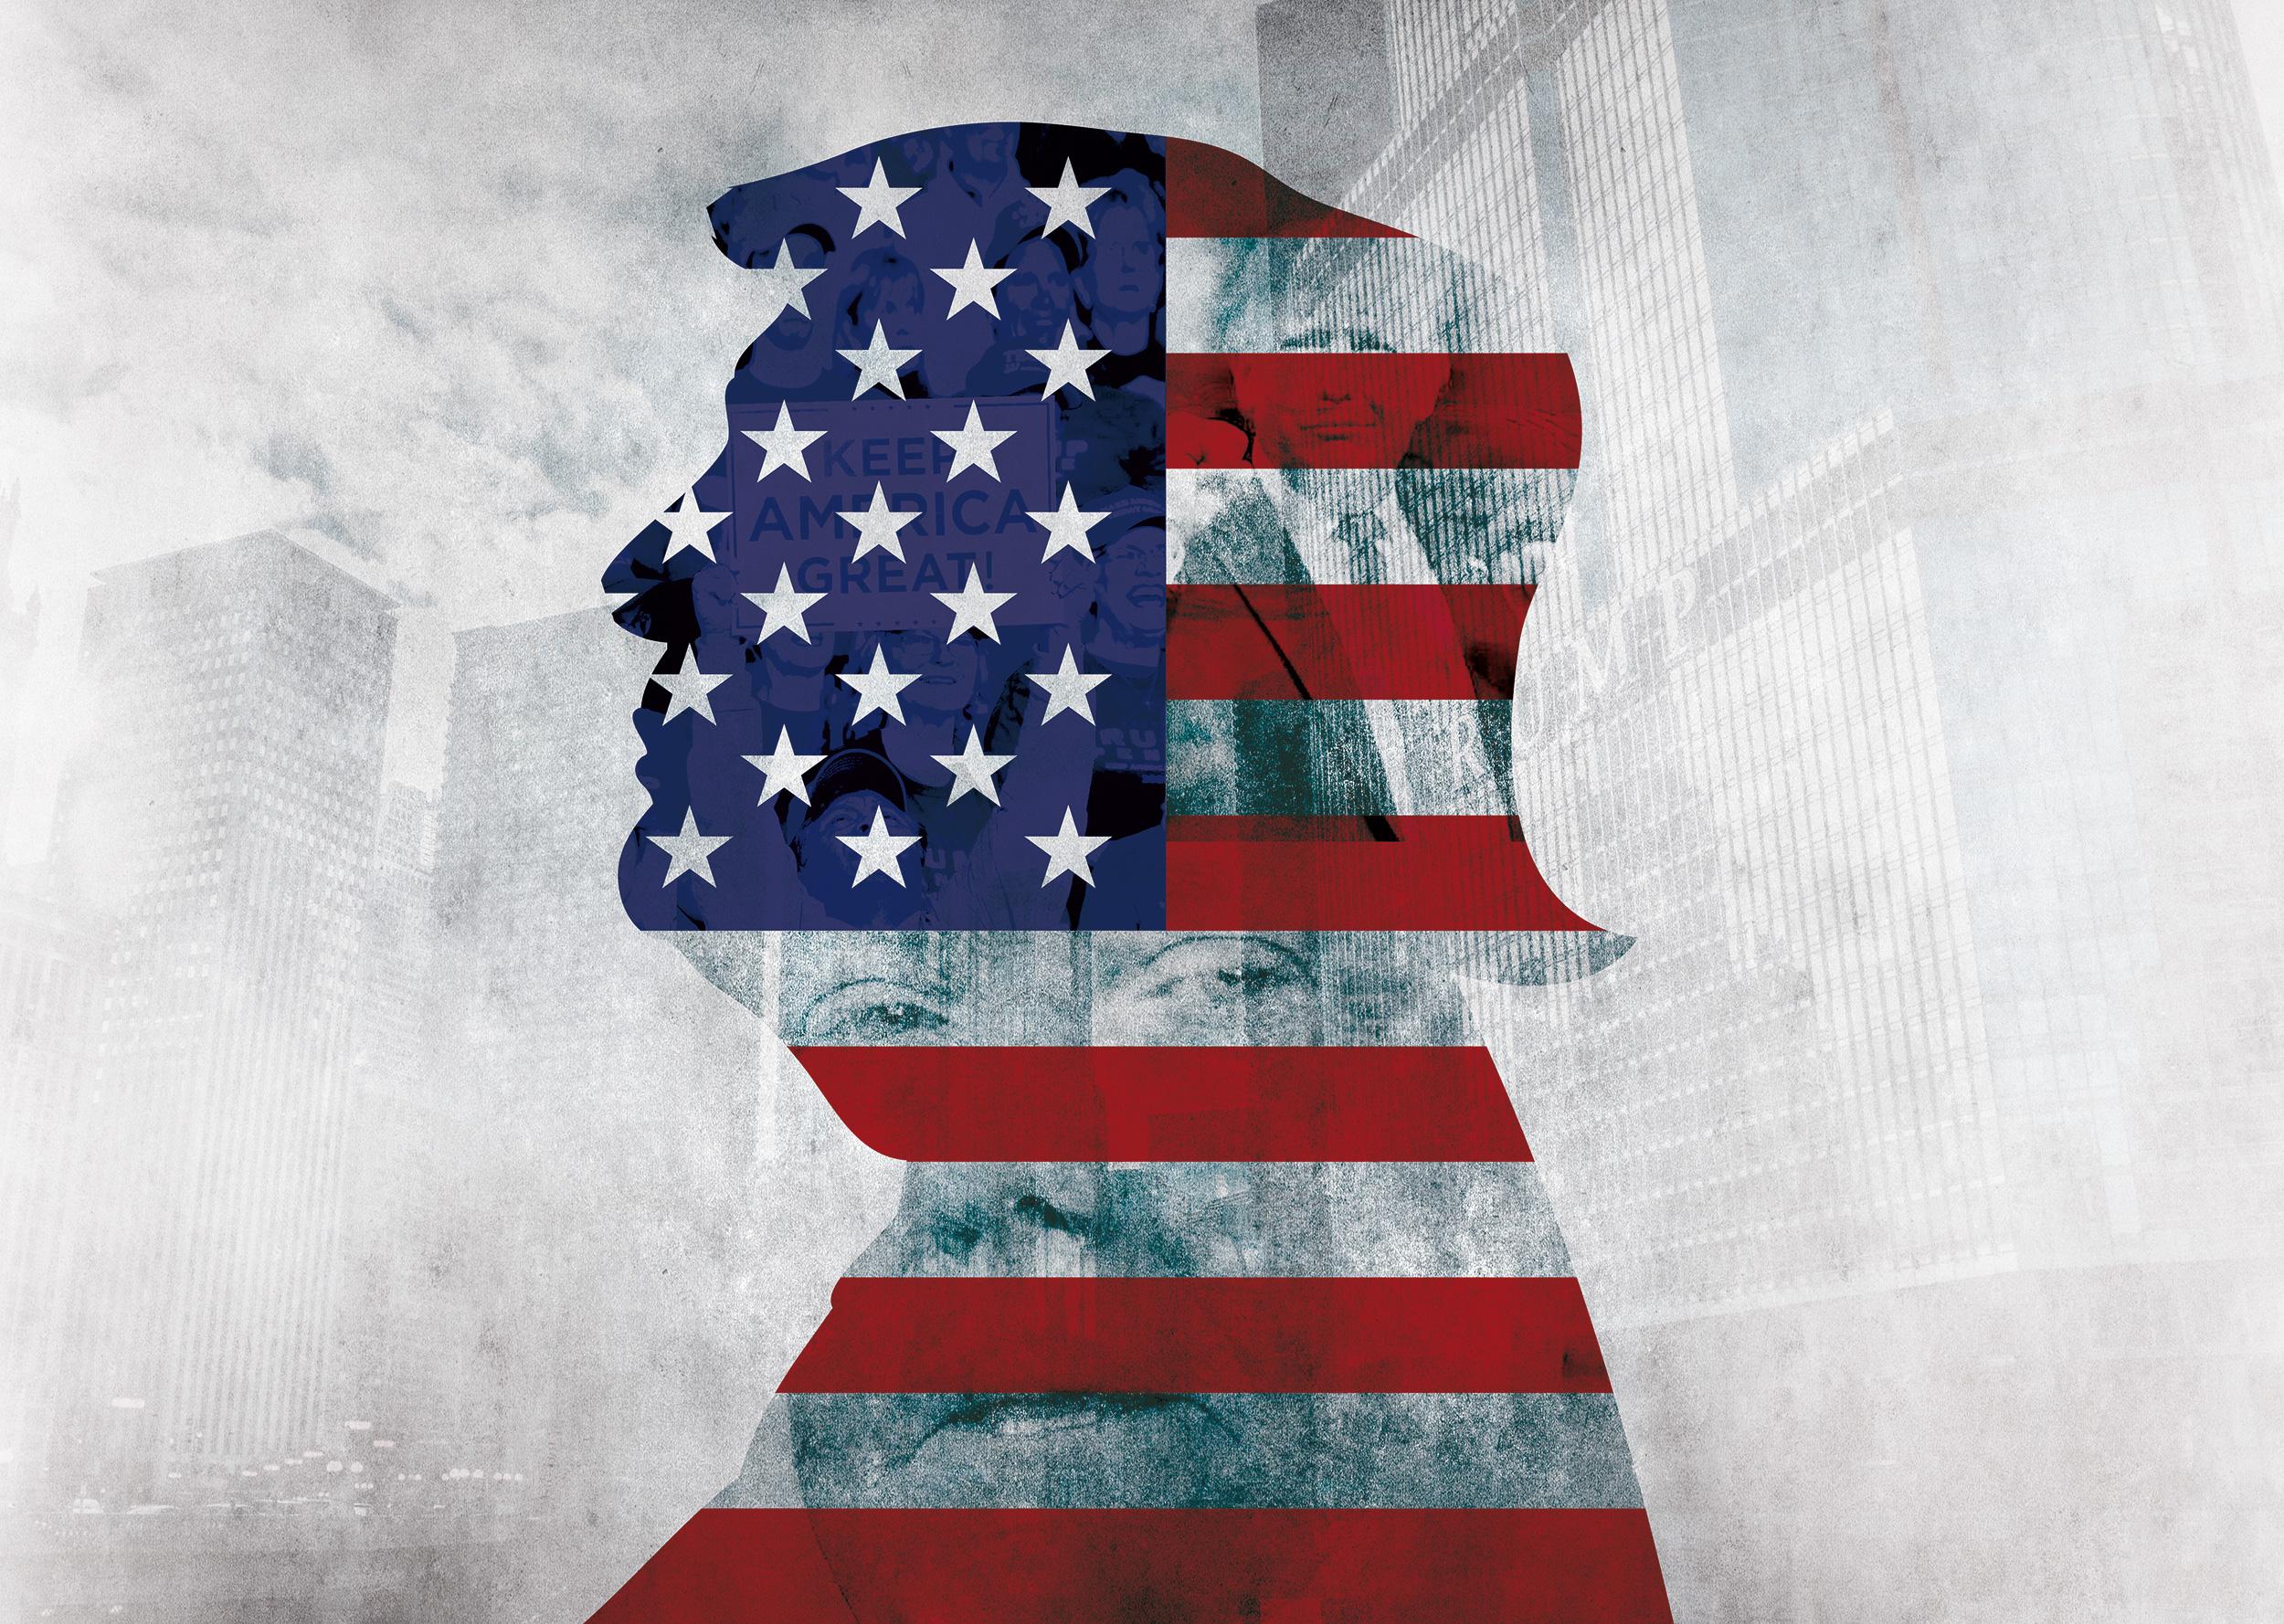 Die Ansichten der Anderen - Warum haben so viele US-Amerikaner Donald Trump gewählt?